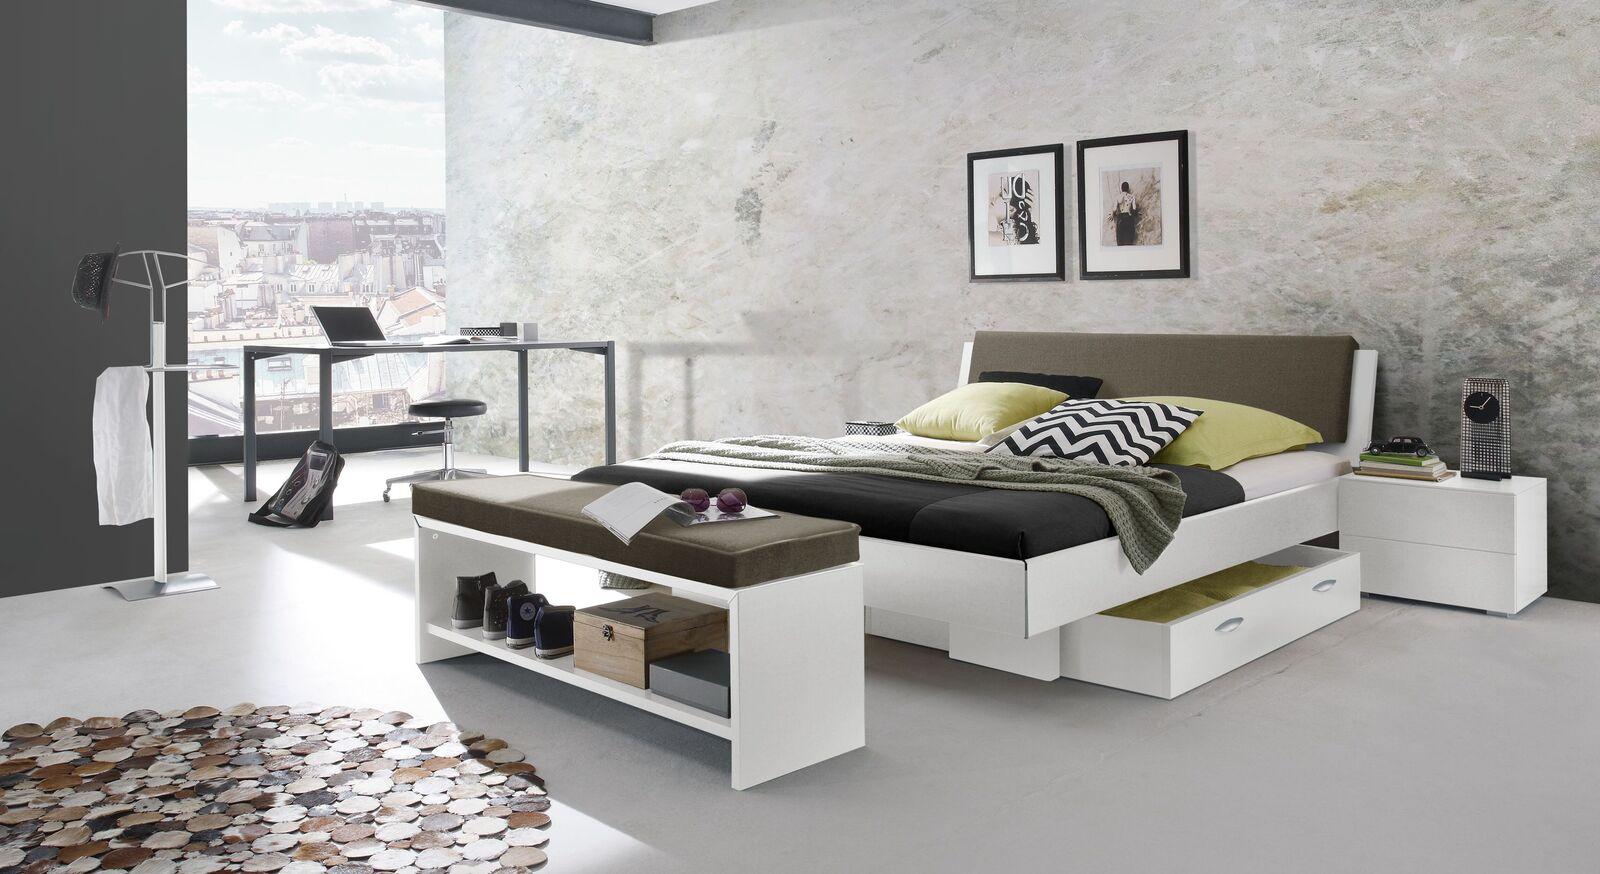 Passende Schlafzimmer-Möbel zum Bett Riverhead